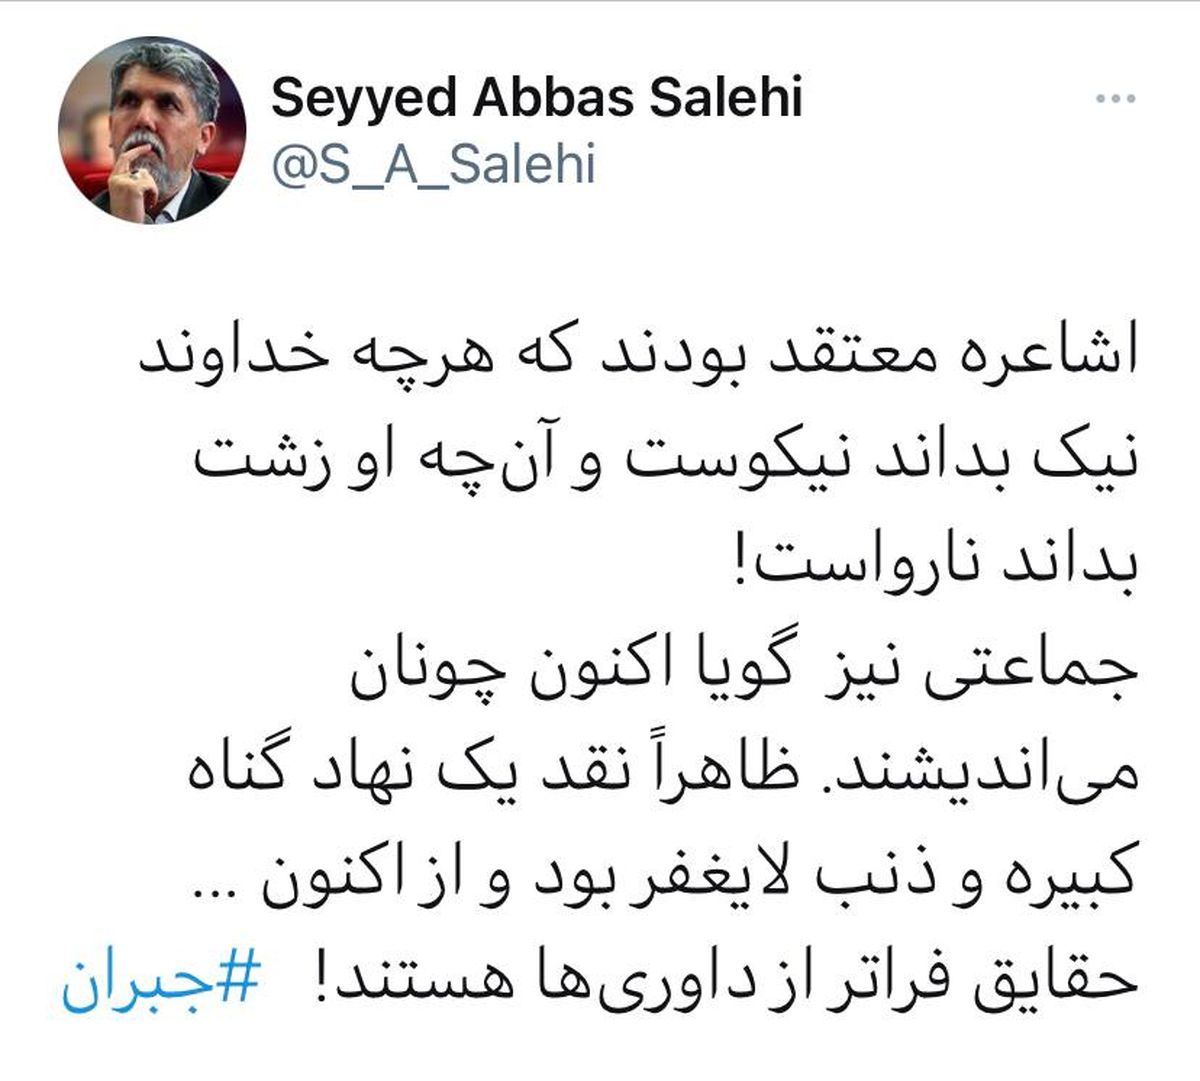 توییت وزیر ارشاد در پی بیانات رهبری